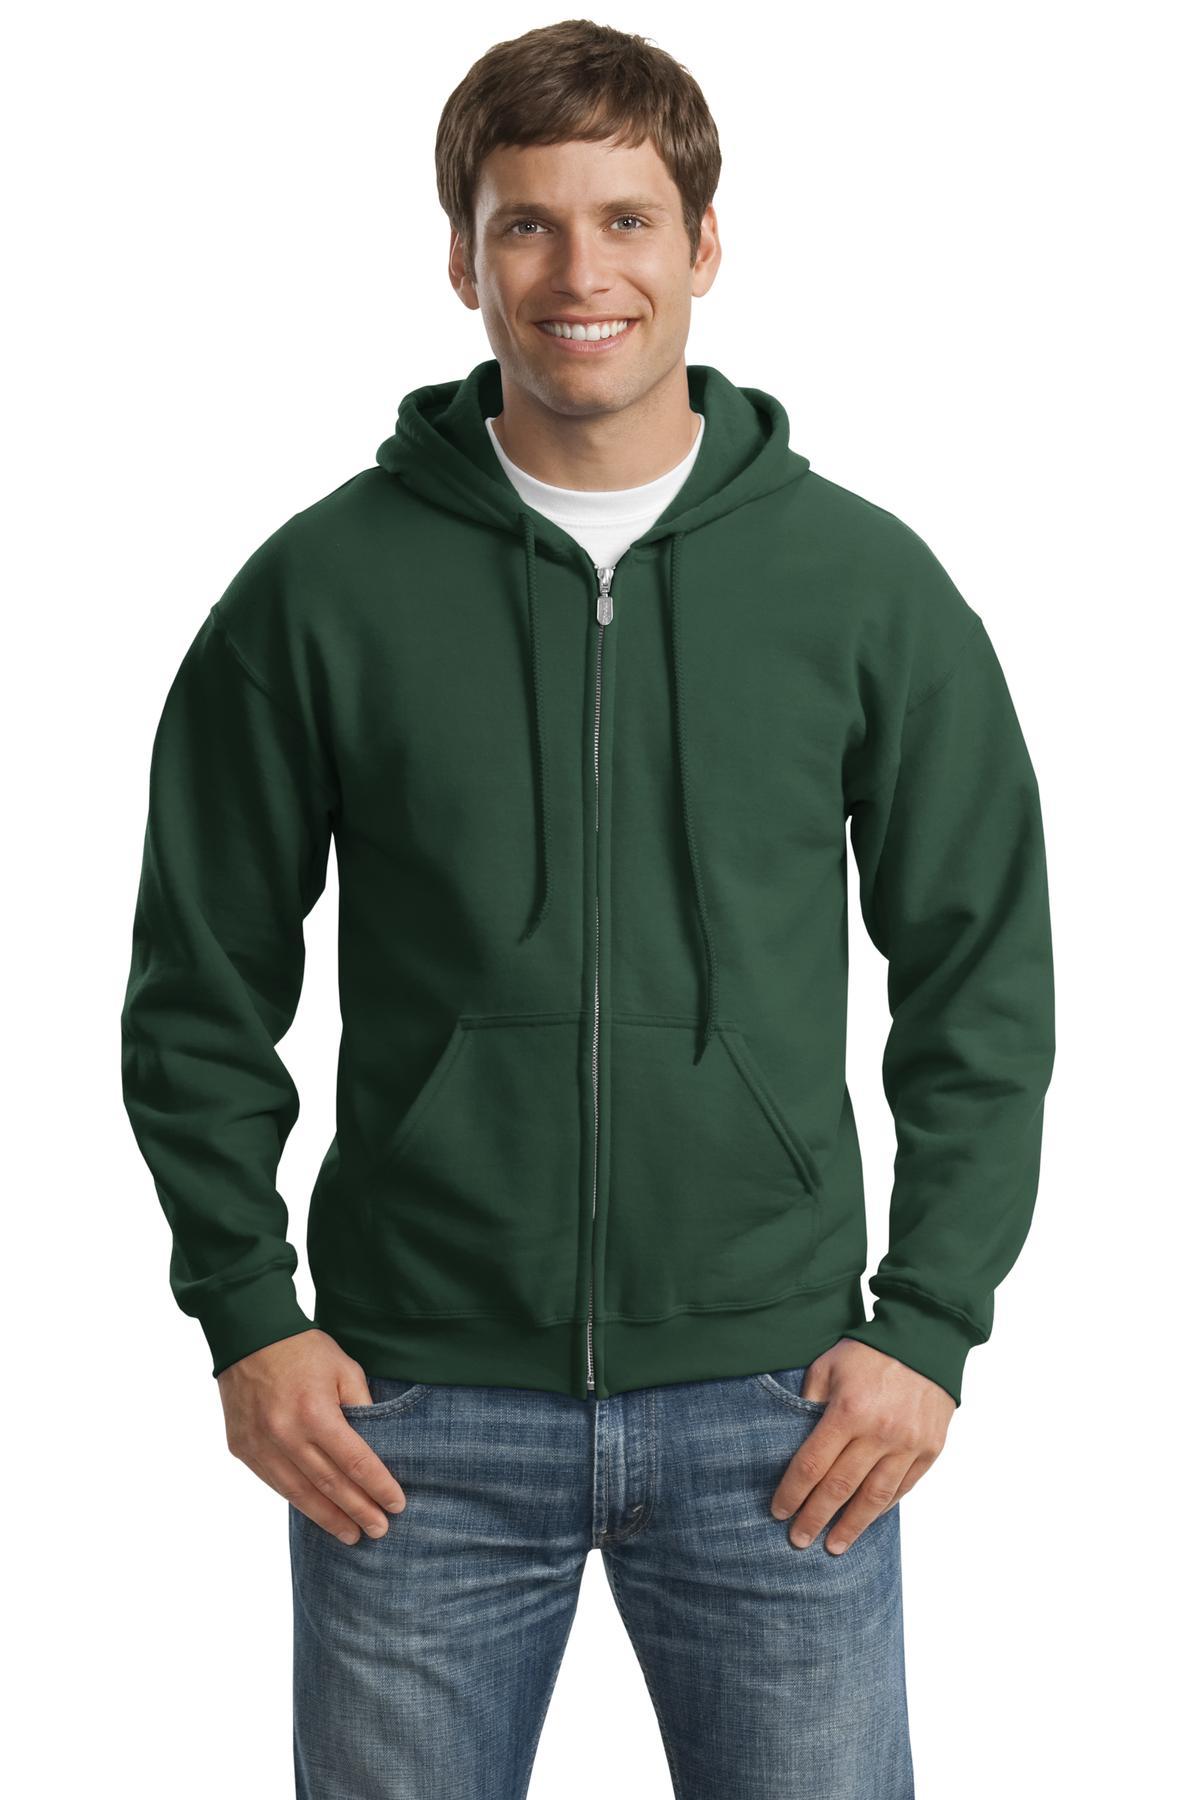 Sweatshirts-Fleece-Hooded-7